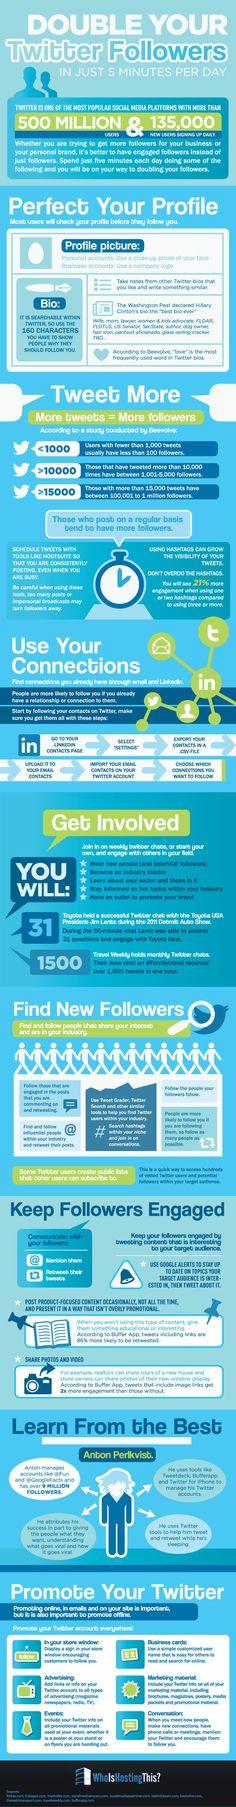 Dobla tus followers en Twitter con 5 minutos al día #infografia #infographic #socialmedia